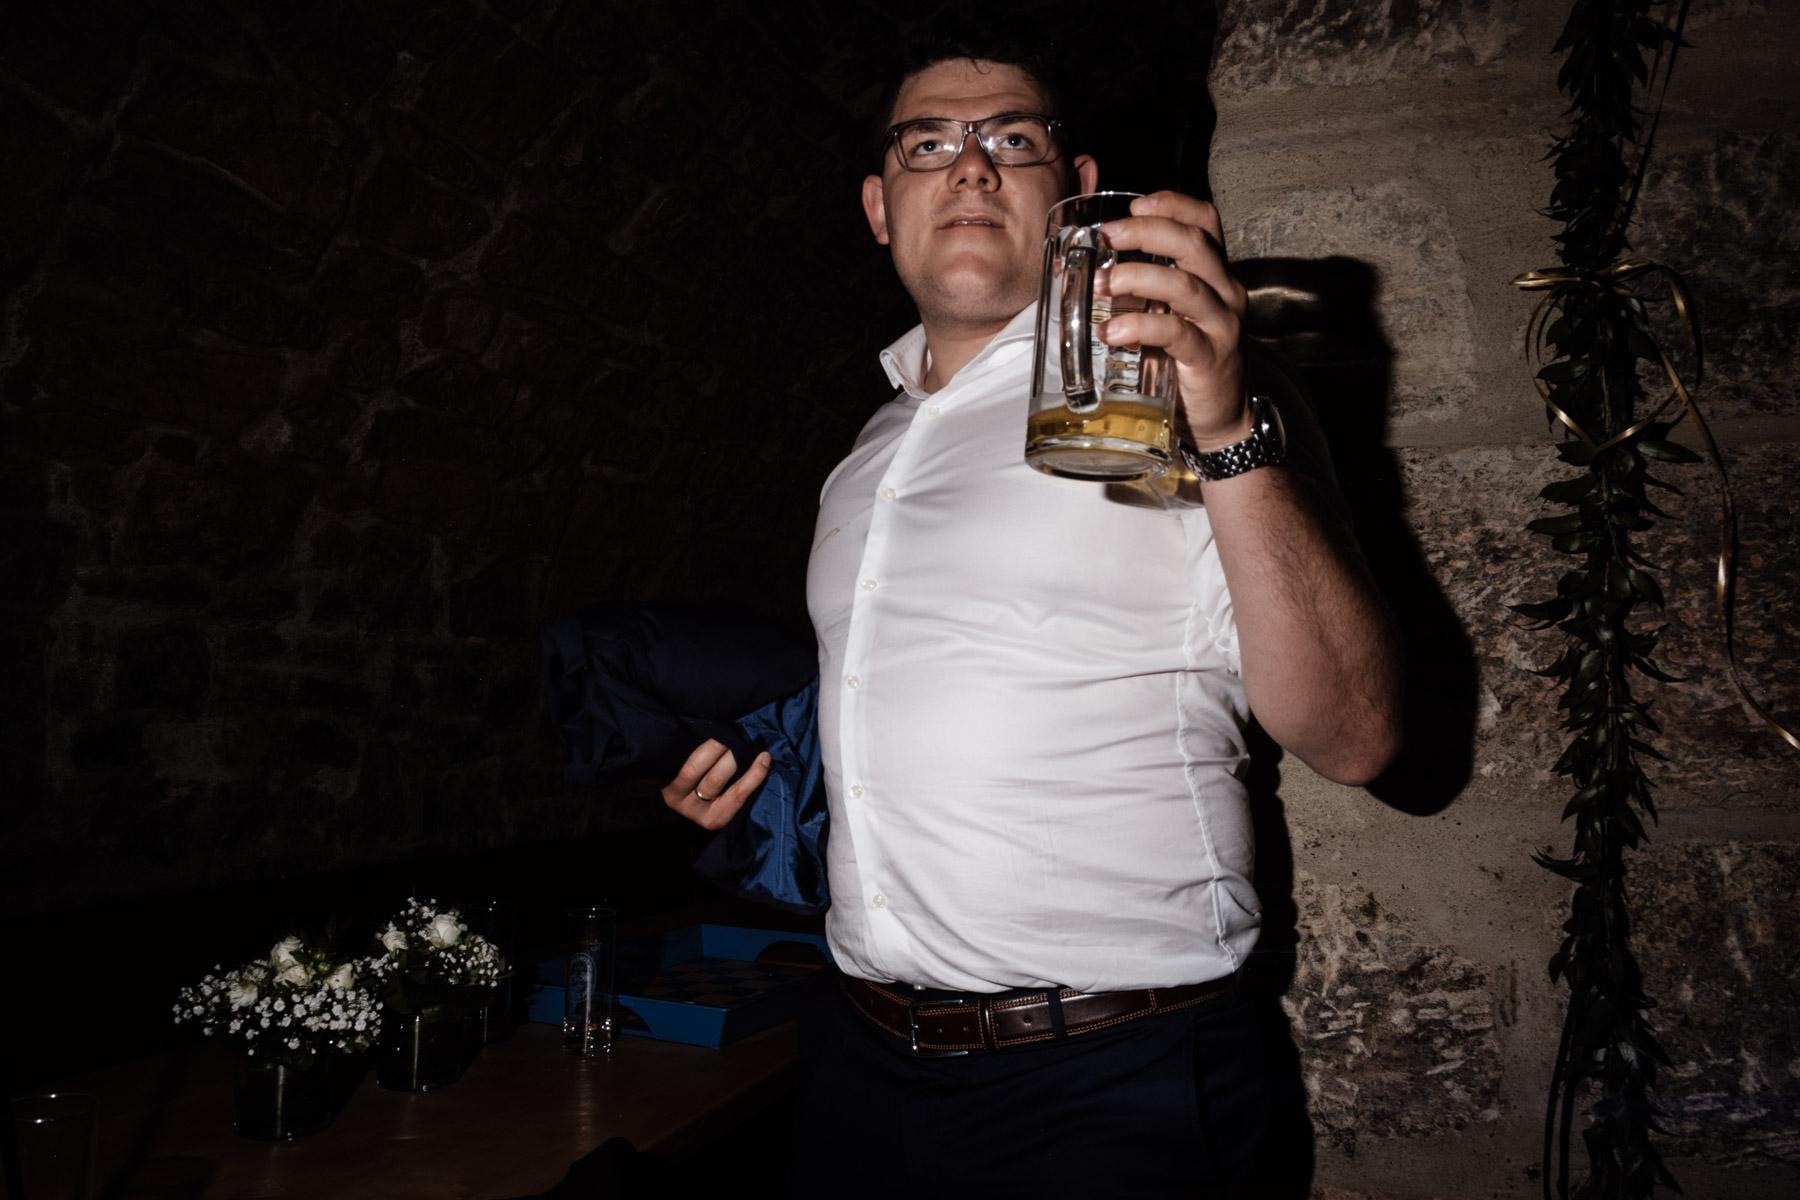 MartinLiebl_Kein_Hochzeitsfotograf_Blog_CWF_Bad_Neustadt_66.jpg